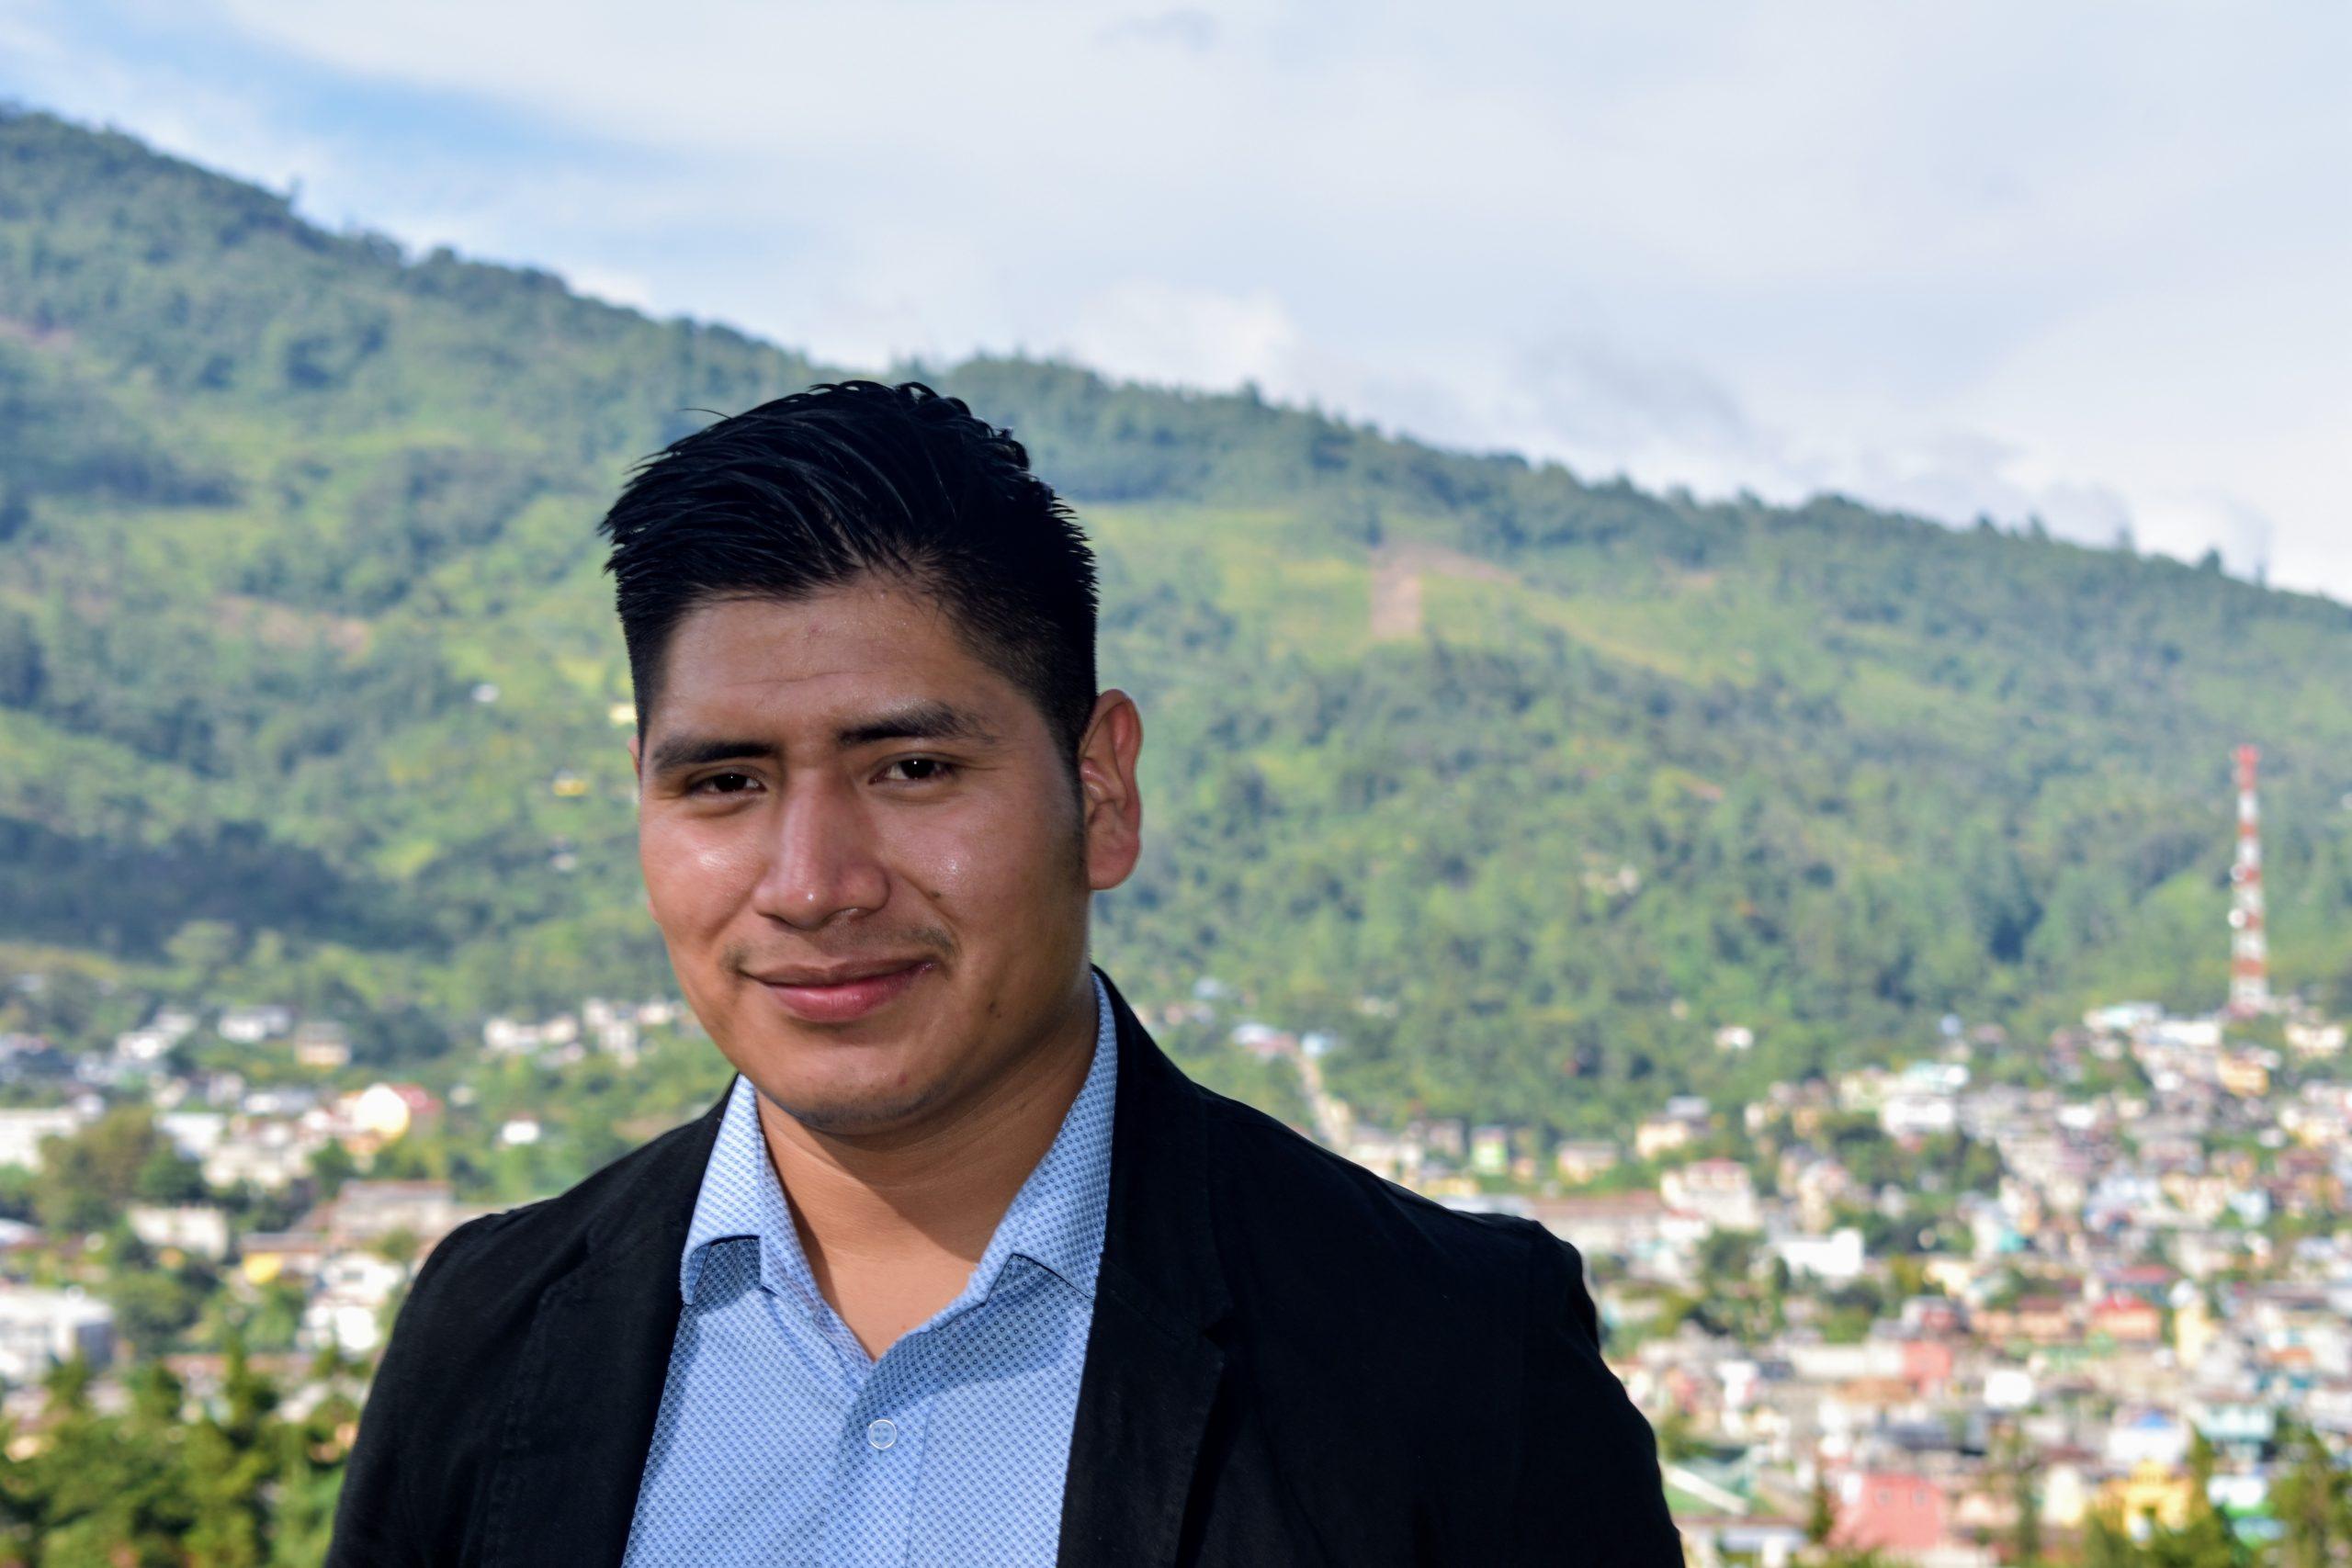 Francisco Simón com cidade ao fundo